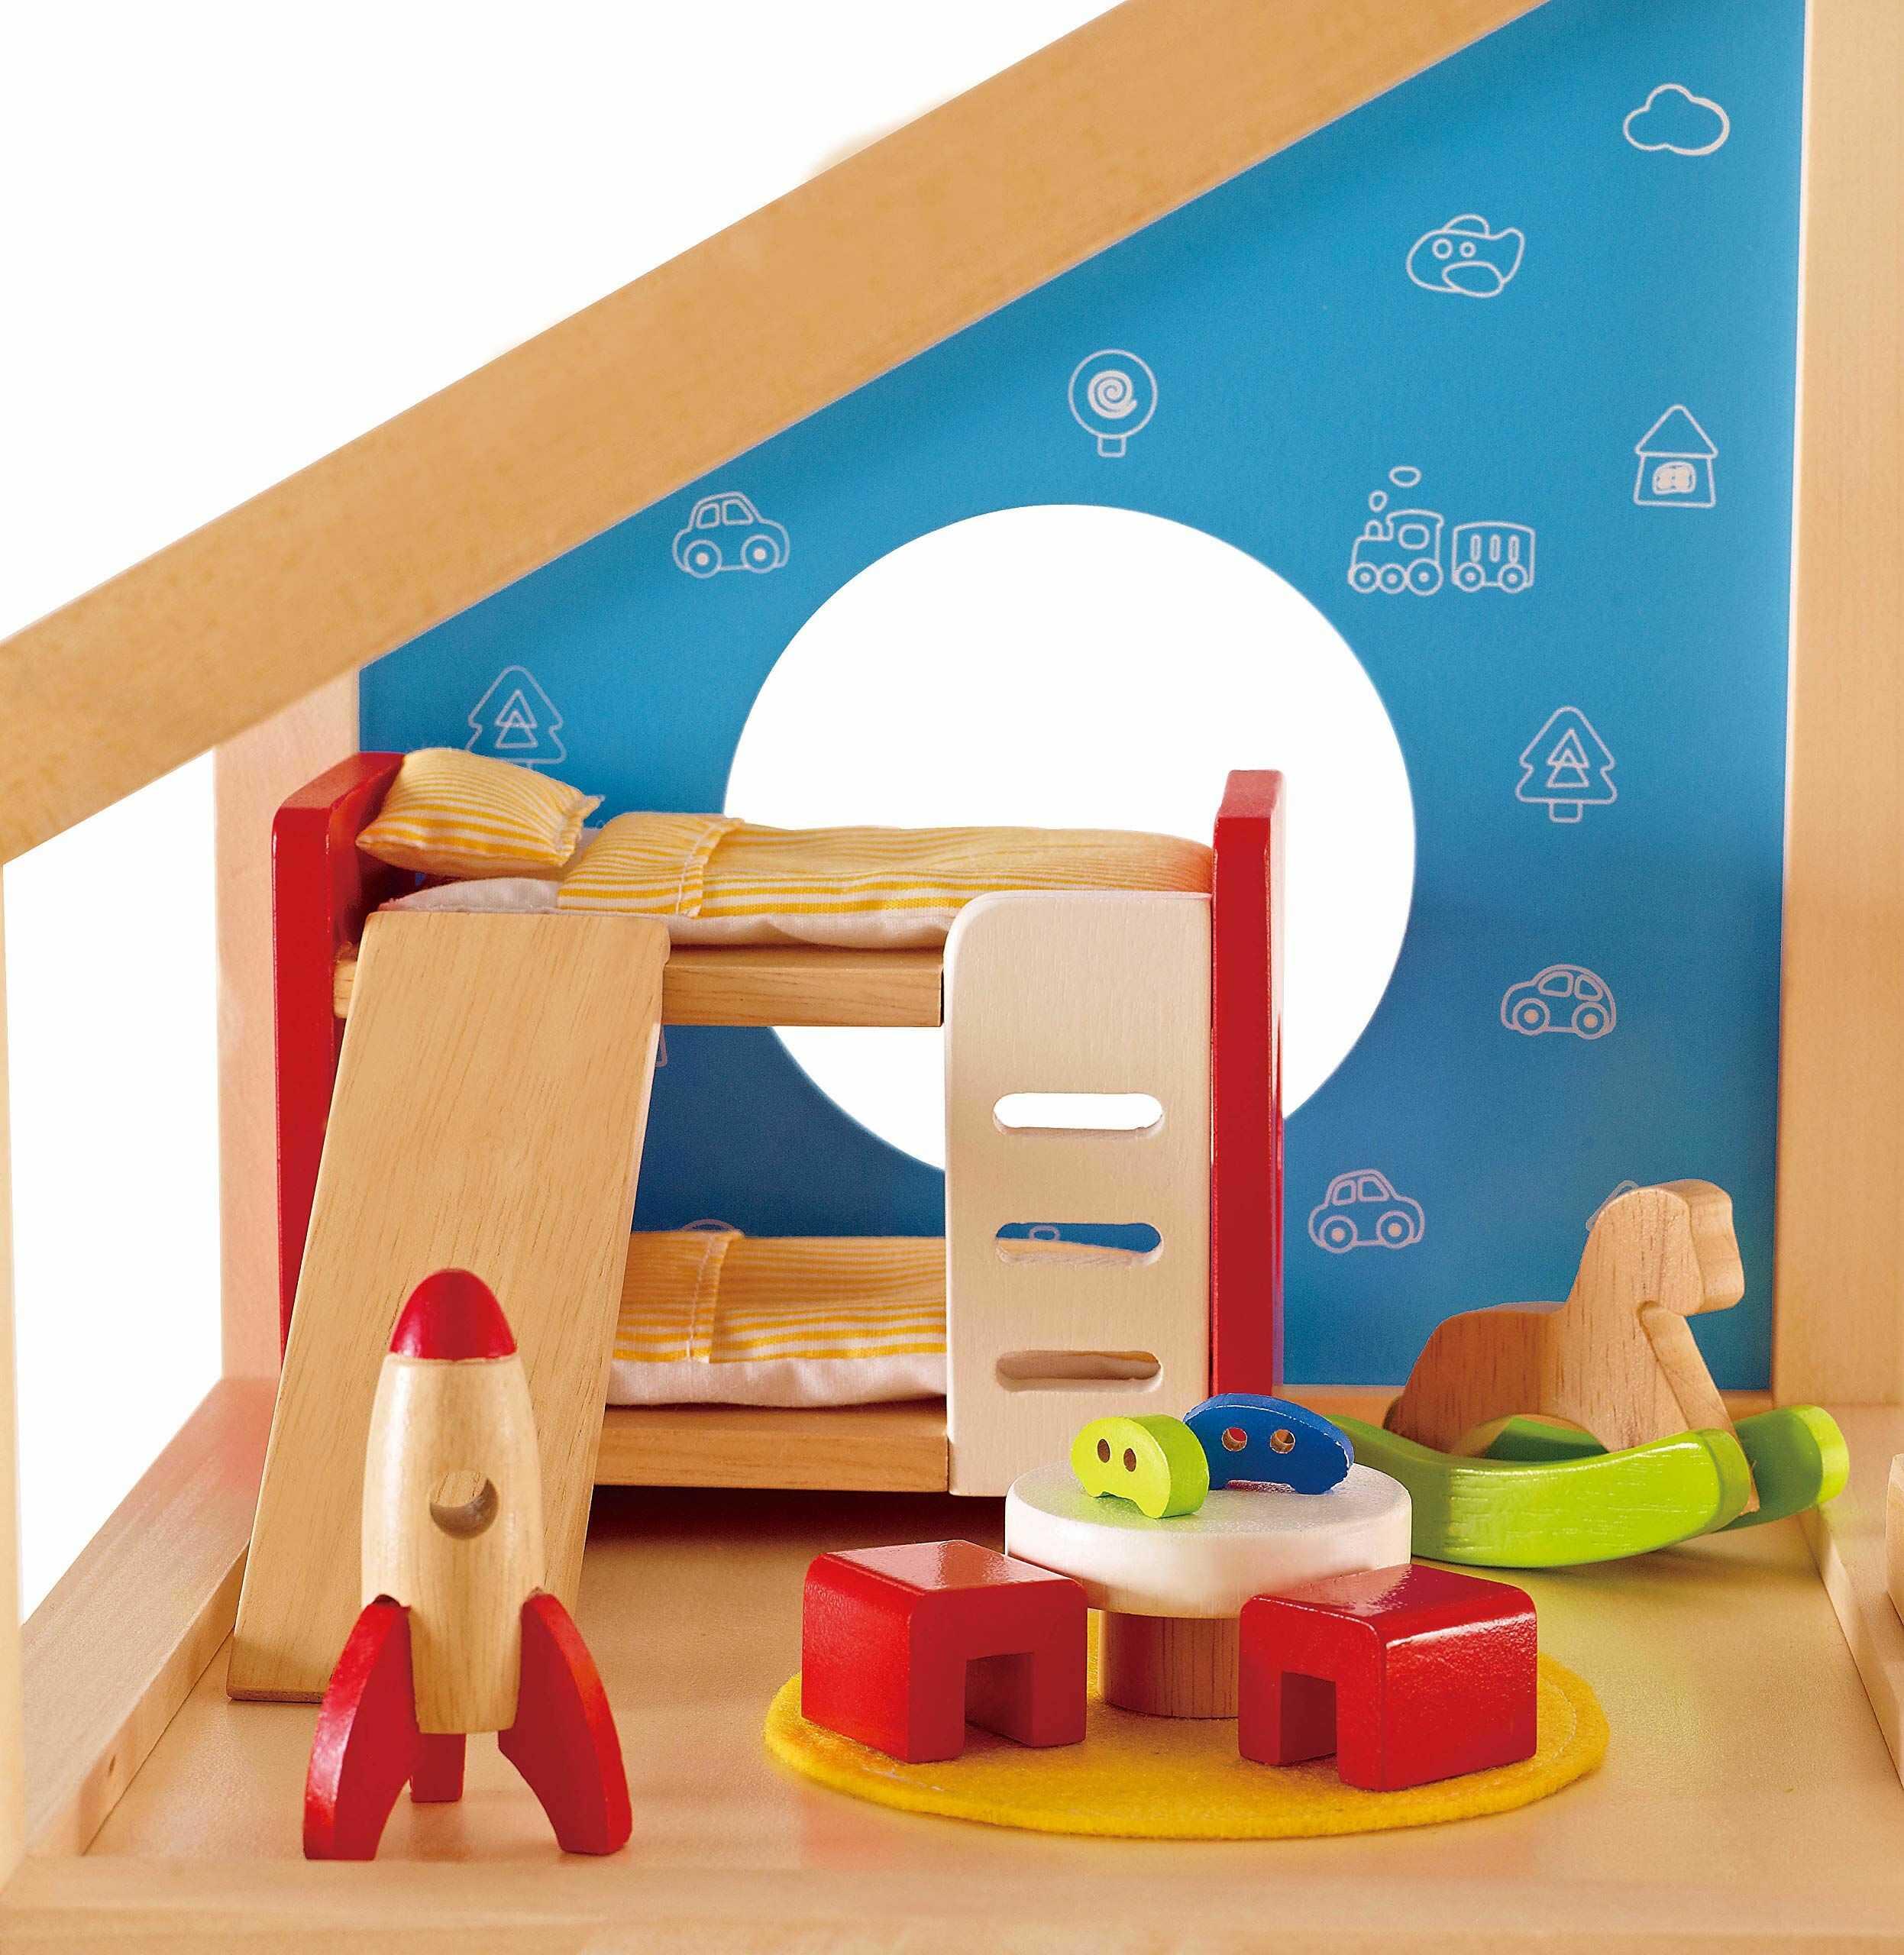 Hape Pokój dziecięcy Bardzo szczegółowy zestaw mebli do domku dla lalek w tym łóżka piętrowe, stół, krzesła i statek rakietowy